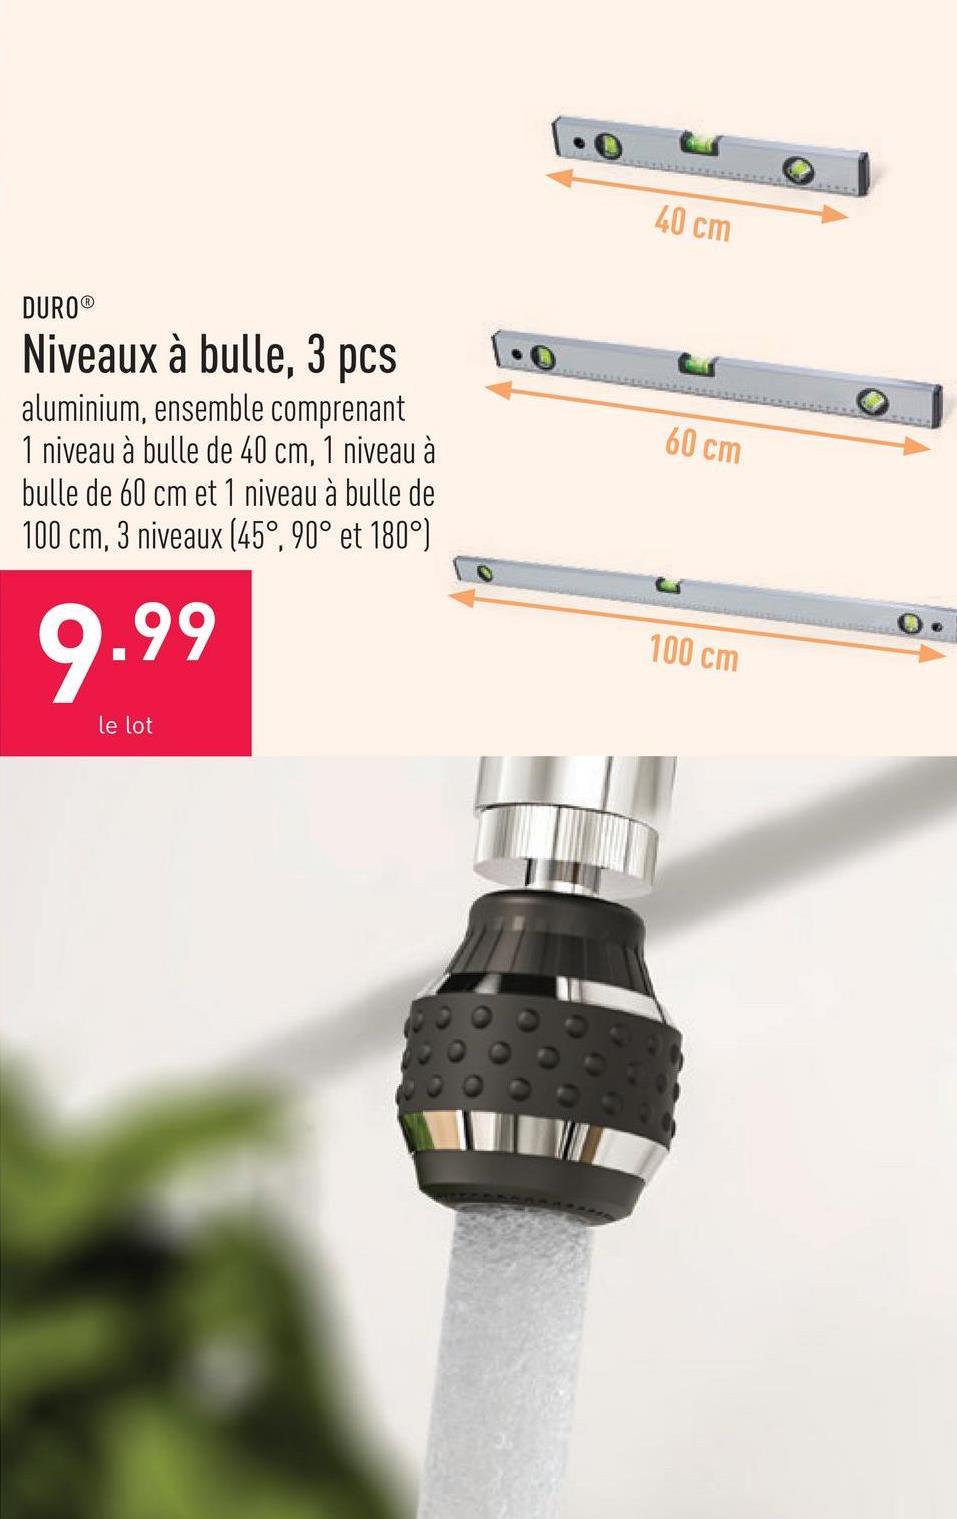 Niveaux à bulle, 3 pcs aluminium, ensemble comprenant 1 niveau à bulle de 40 cm, 1 niveau à bulle de 60 cm et 1 niveau à bulle de 100 cm, 3 niveaux (45°, 90° et 180°)